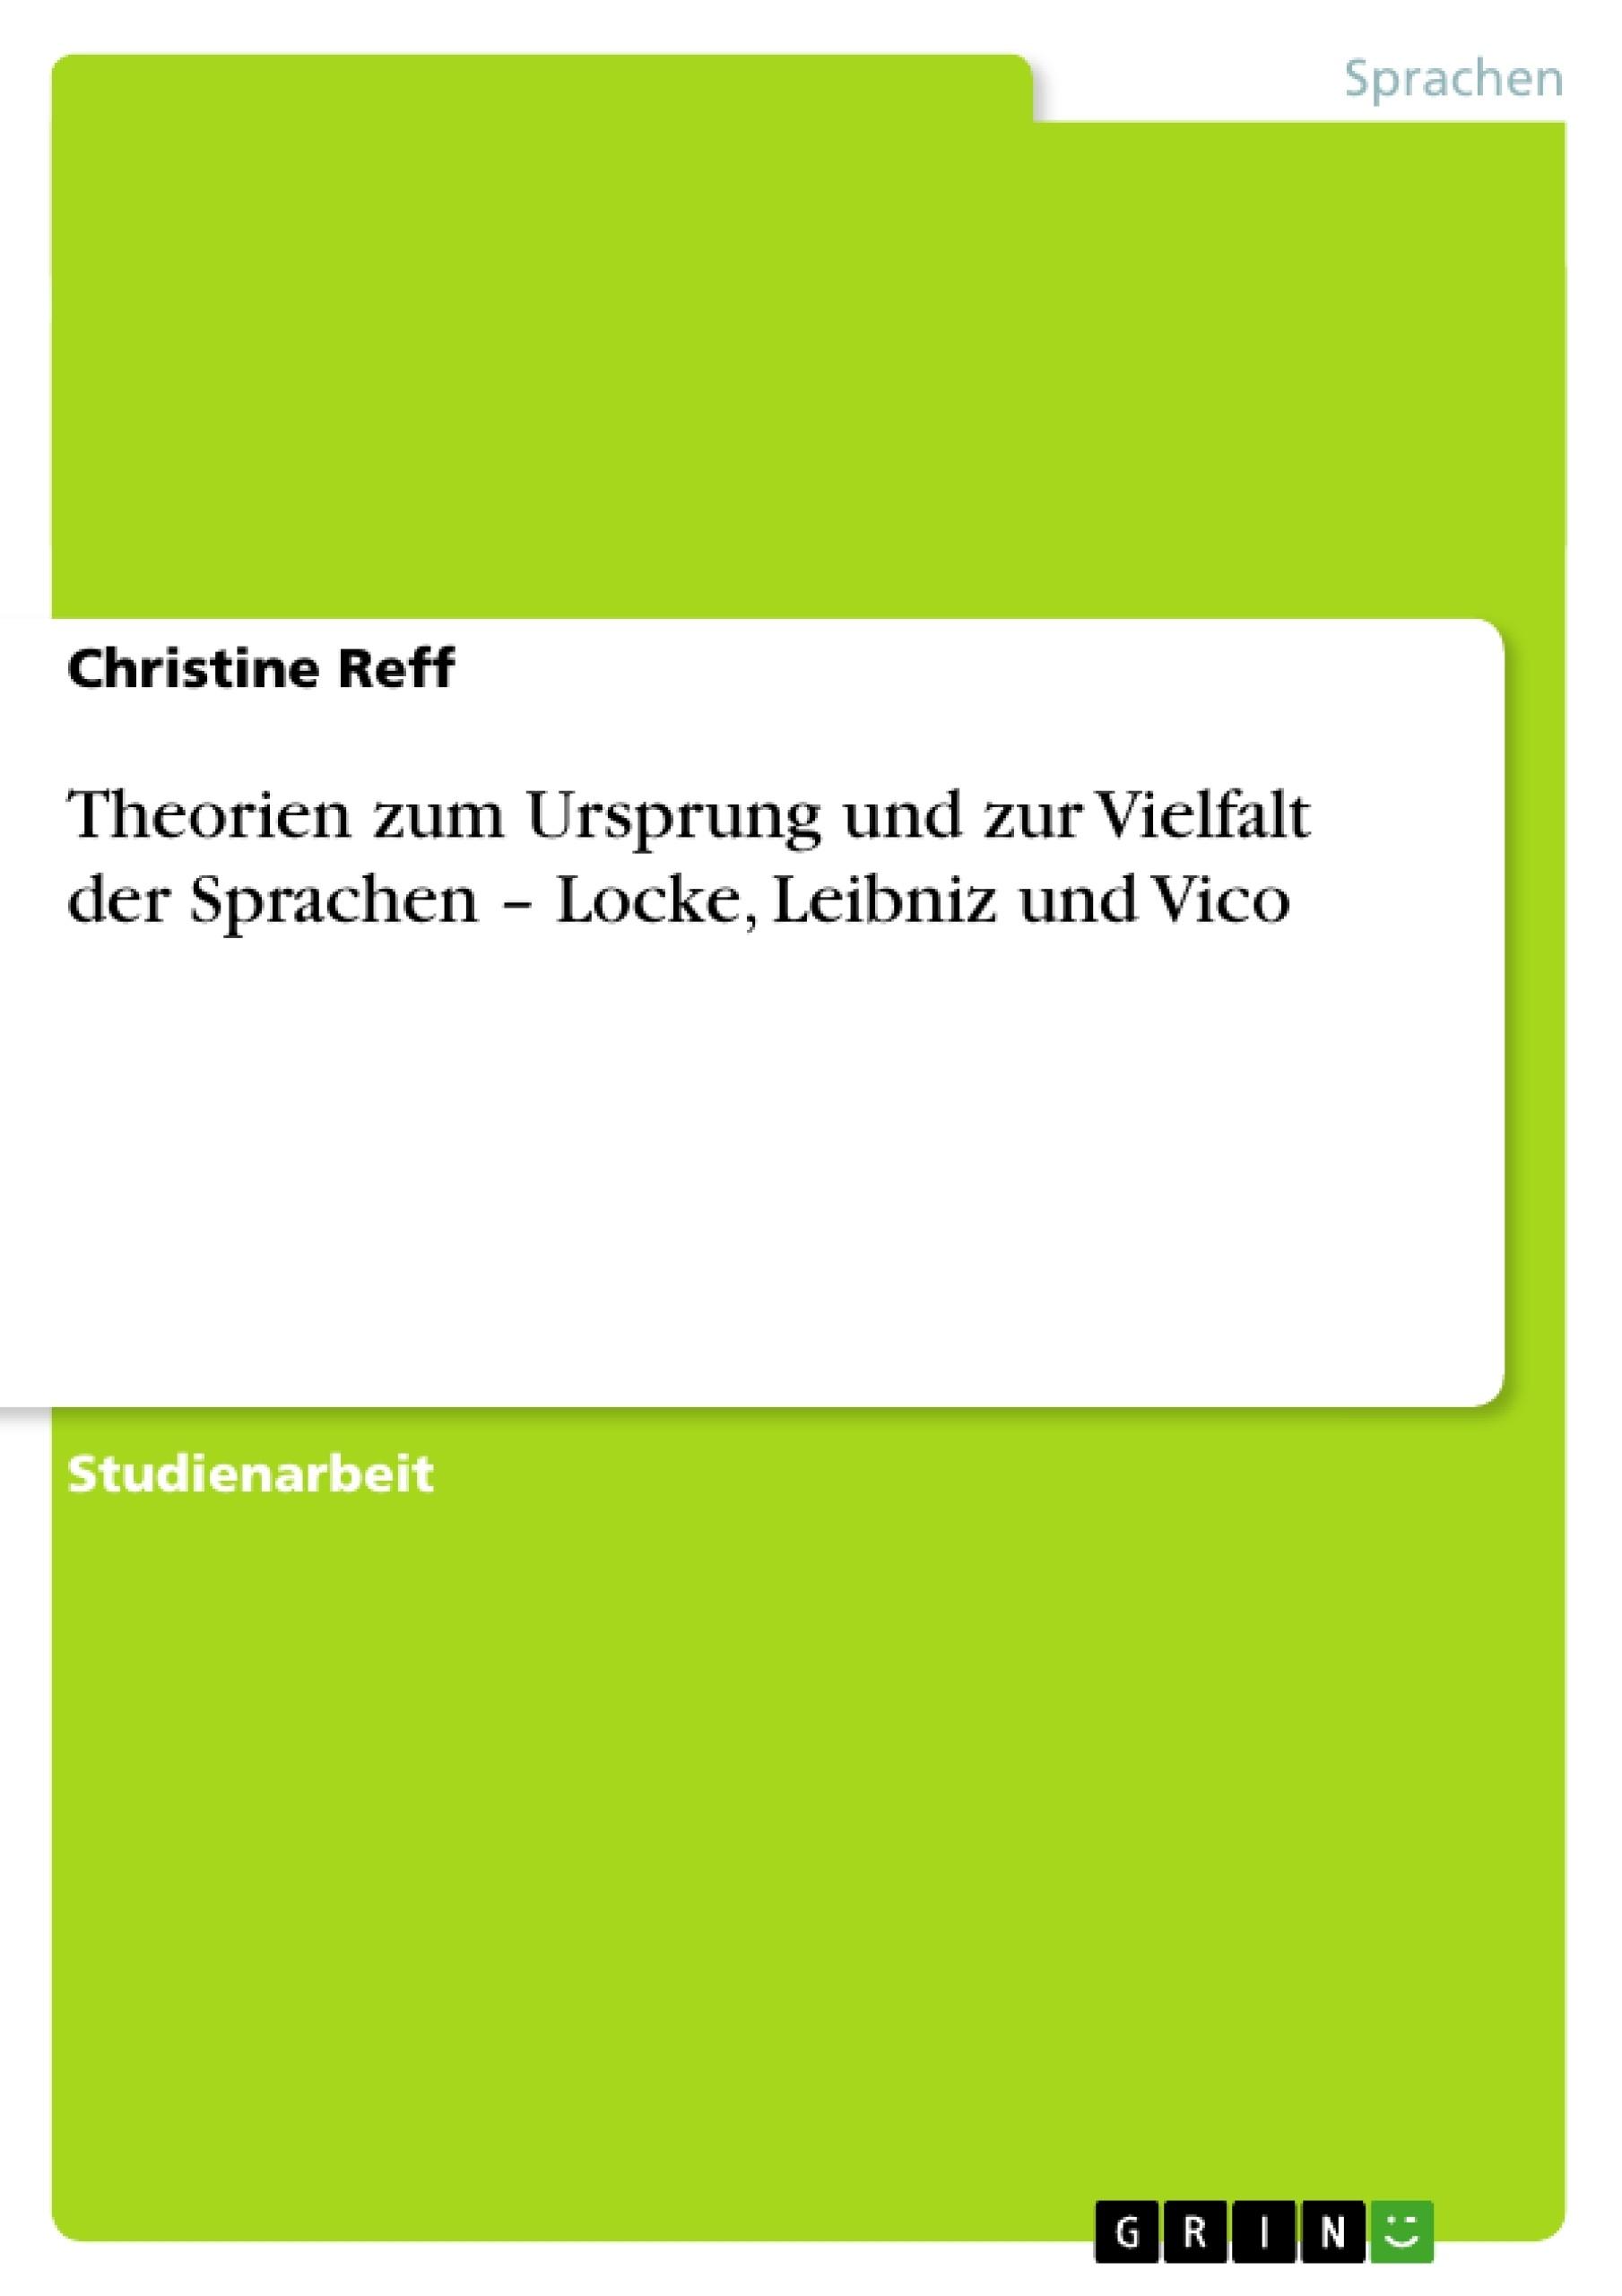 Titel: Theorien zum Ursprung und zur Vielfalt der Sprachen – Locke, Leibniz und Vico